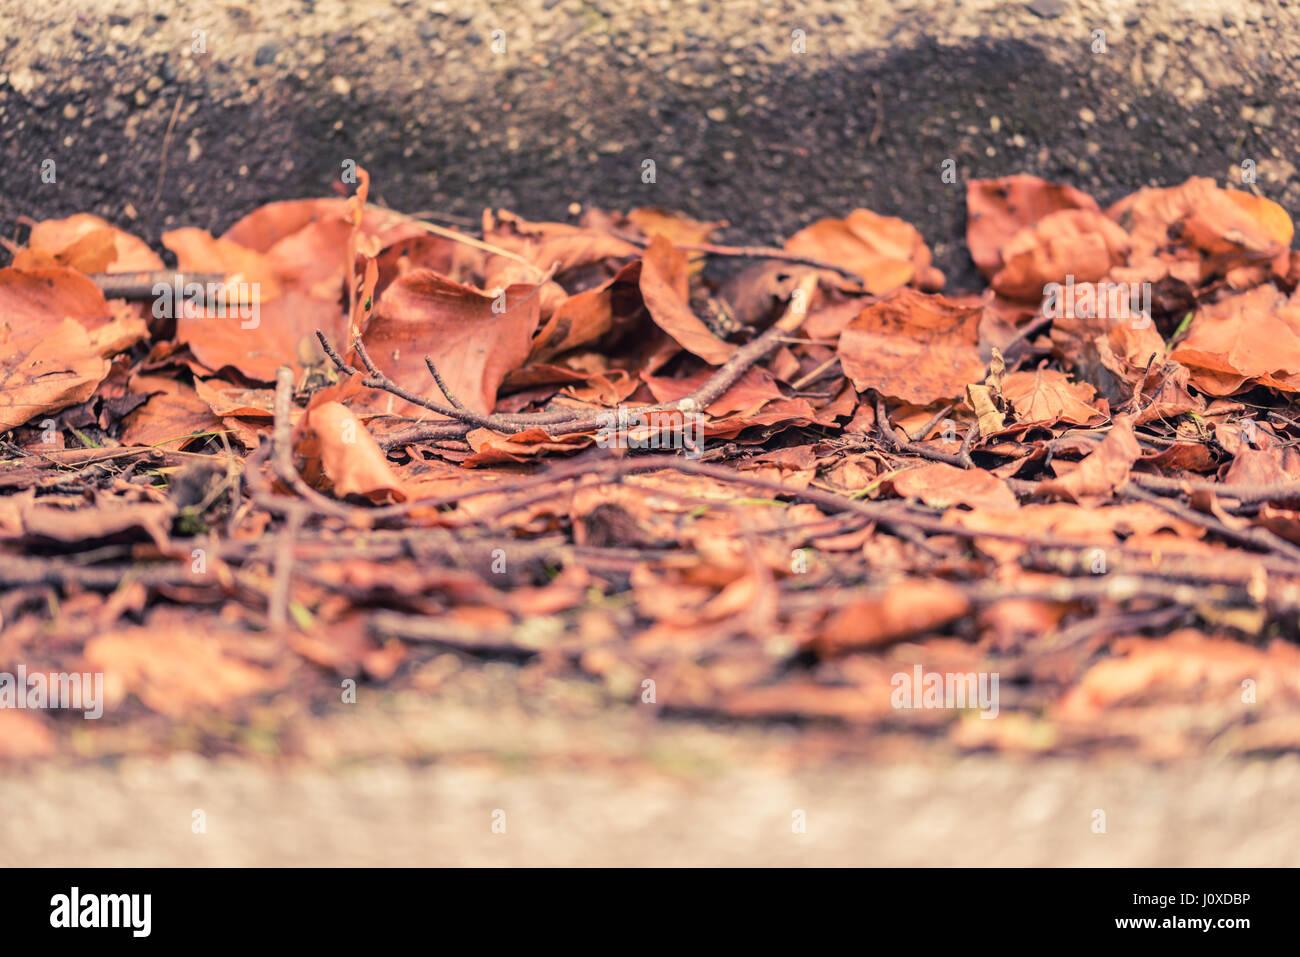 Les feuilles sèches et tombé sur une rue à côté de trottoir à l'automne ou à l'automne à Vancouver, Canada. Banque D'Images